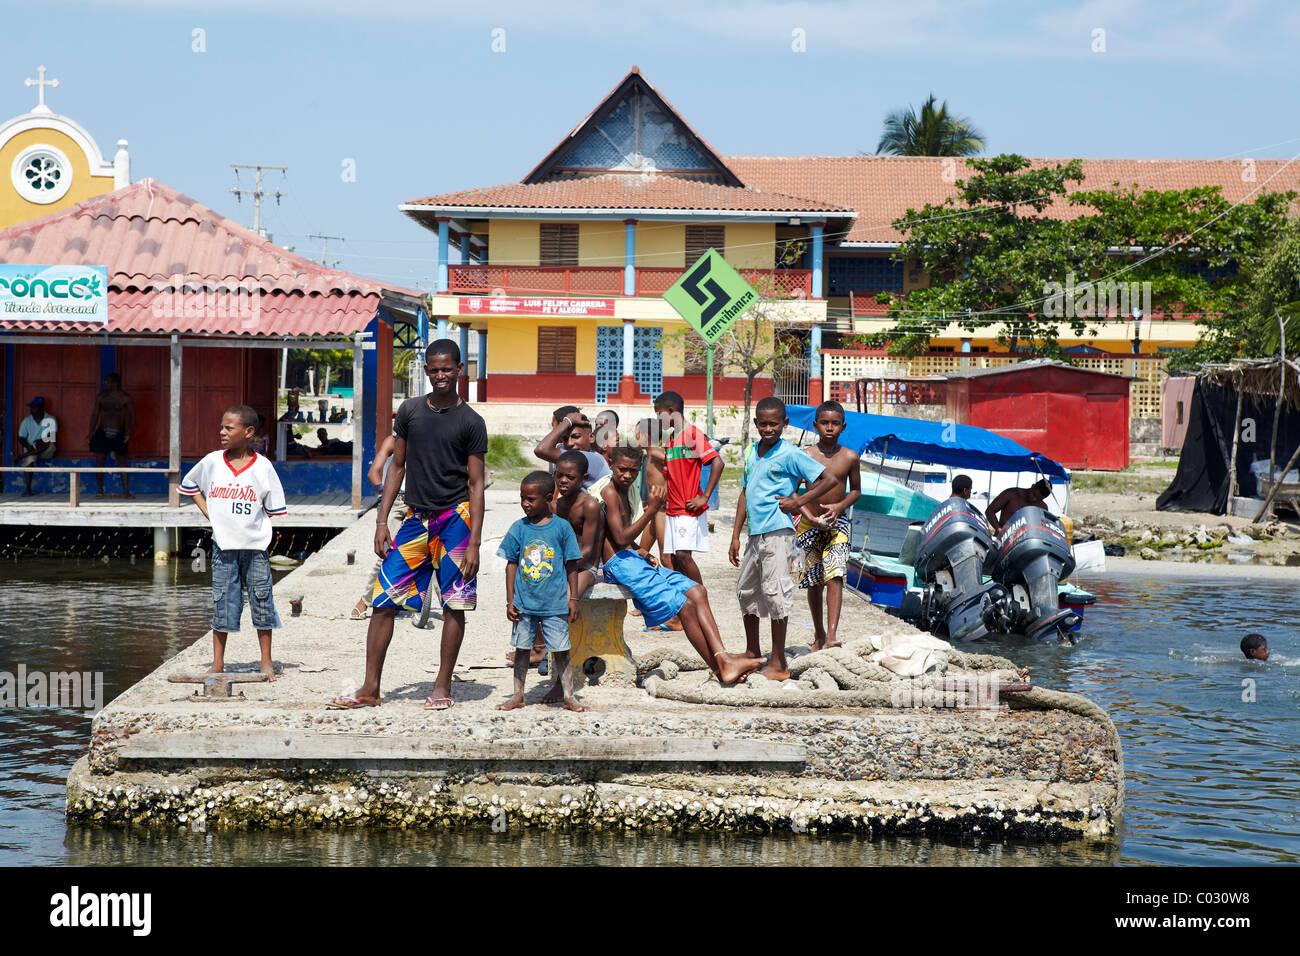 Les enfants colombiens sur l'embarcadère, l'île de Baru, Colombie Photo Stock